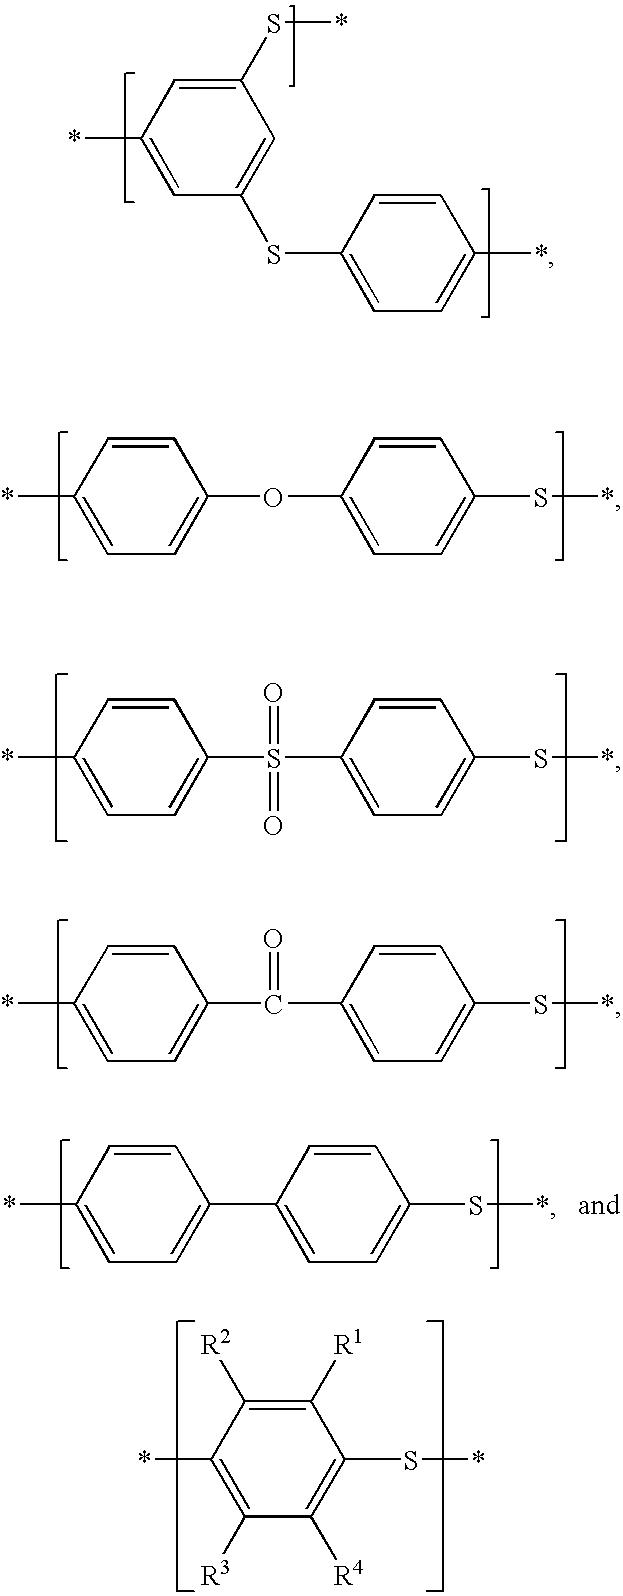 Figure US20090057624A1-20090305-C00003